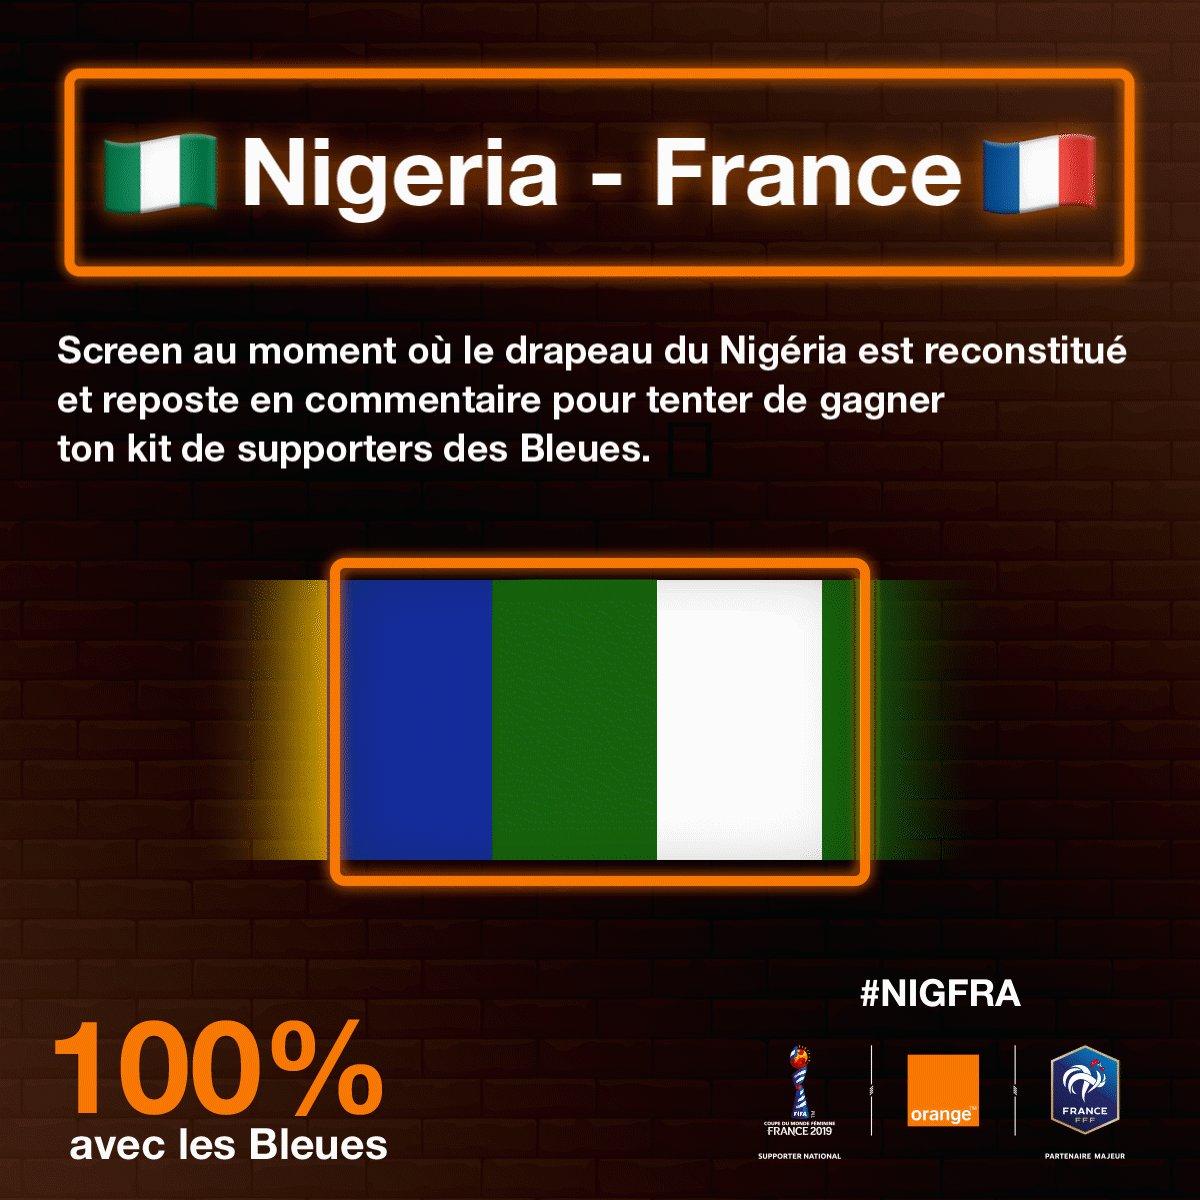 🇳🇬 #NIGFRA 🇫🇷 🙌 Envie de remporter tes places de matchs et ton kit de supporter des #Bleues pour soutenir l@equipedefrance ? 🛑 Stop le GIF au moment où le drapeau du Nigéria 🇳🇬 est affiché et reposte en commentaire 📸 🎰 Tirage au sort demain ! #OrangePasseurdEmotions